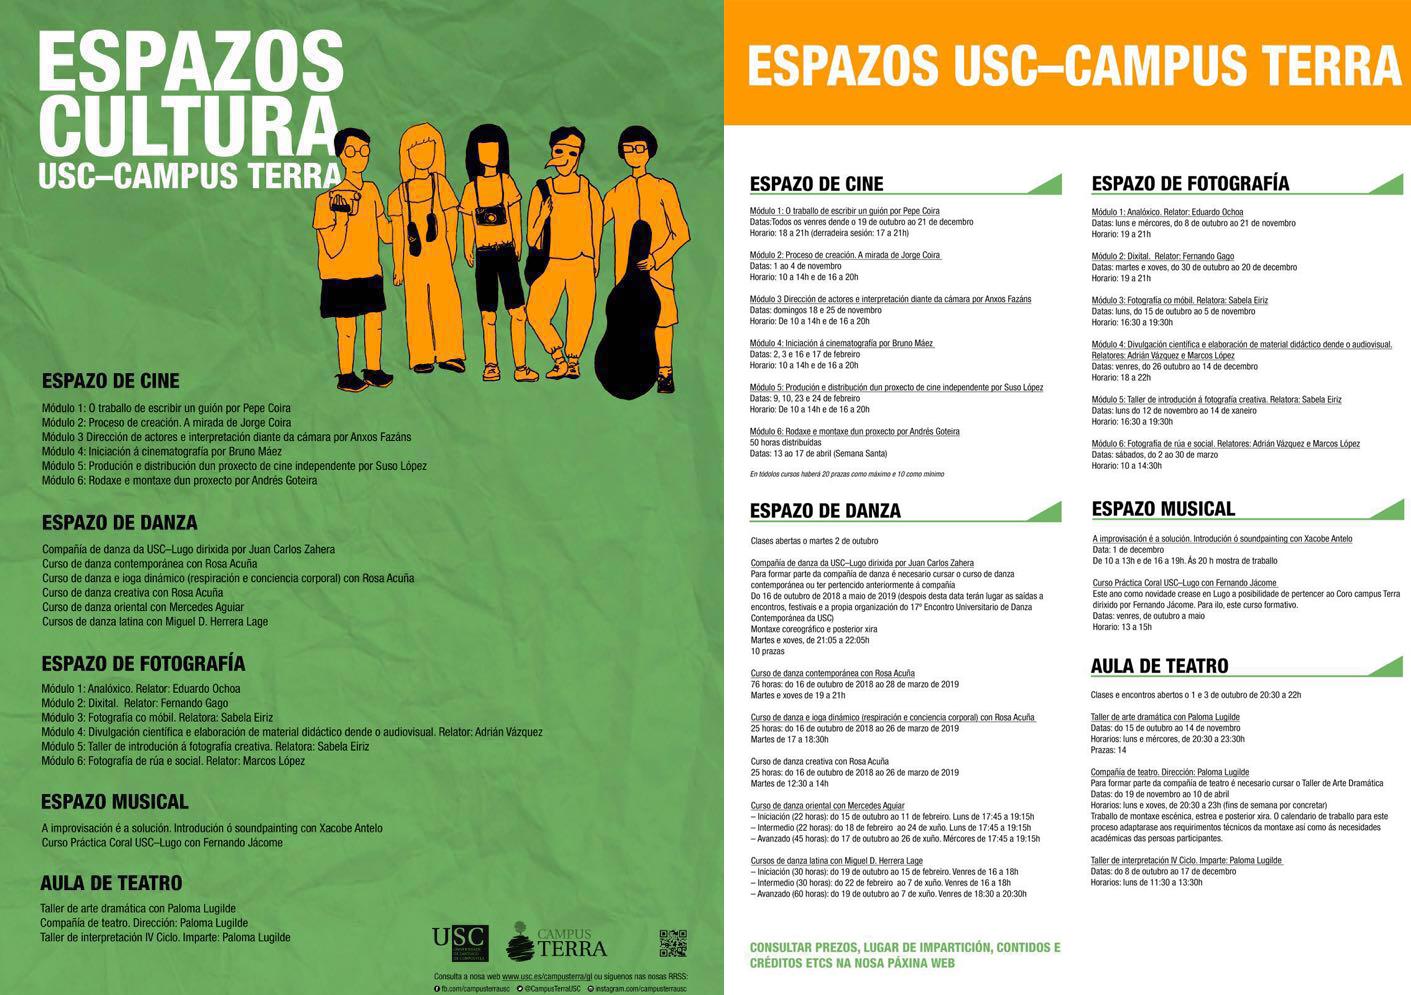 Usc Calendario.Cursos De Fotografia No Campus Usc Lugo Viva Lugo